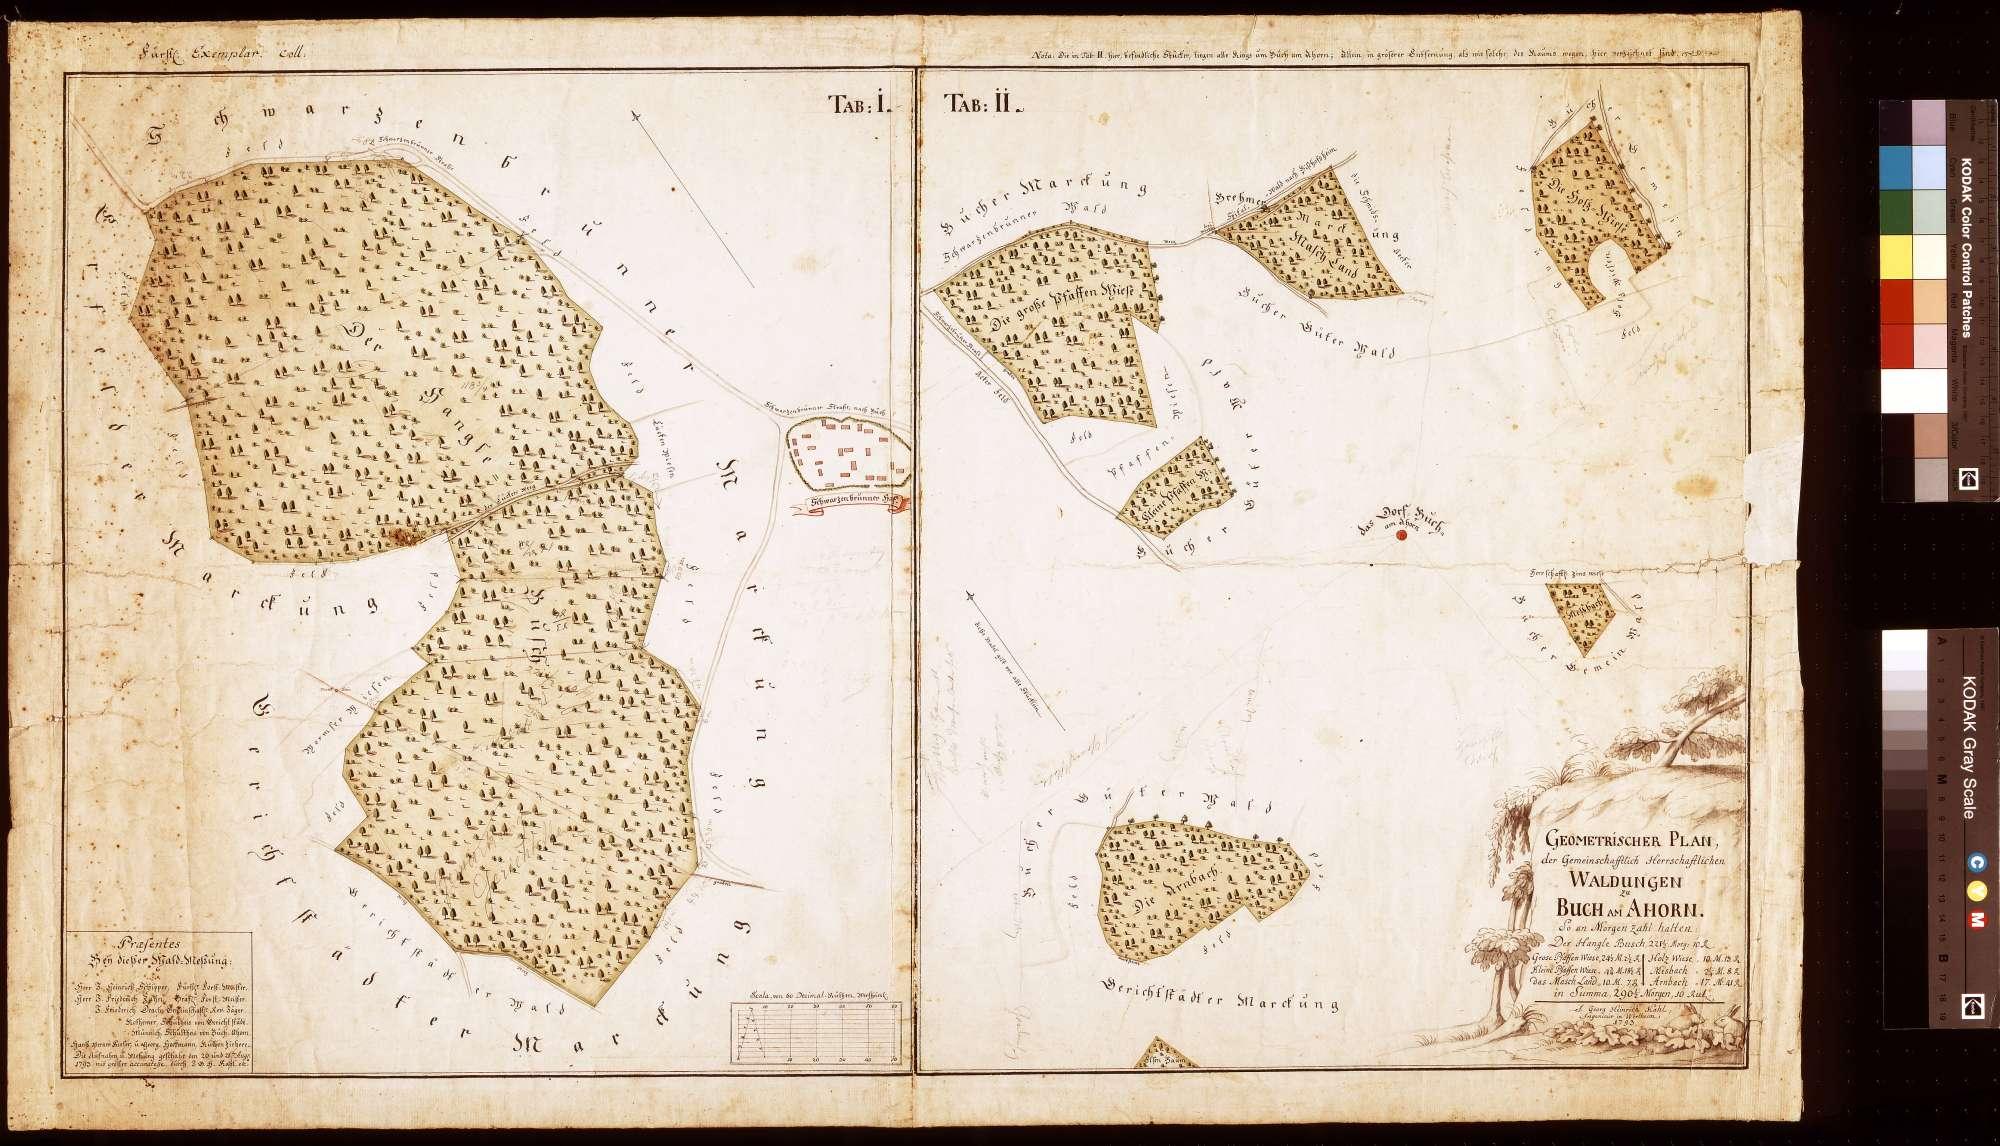 Geometrischer Plan der gemeinschaftlichen Waldungen zu Buch am Ahorn, Bild 1